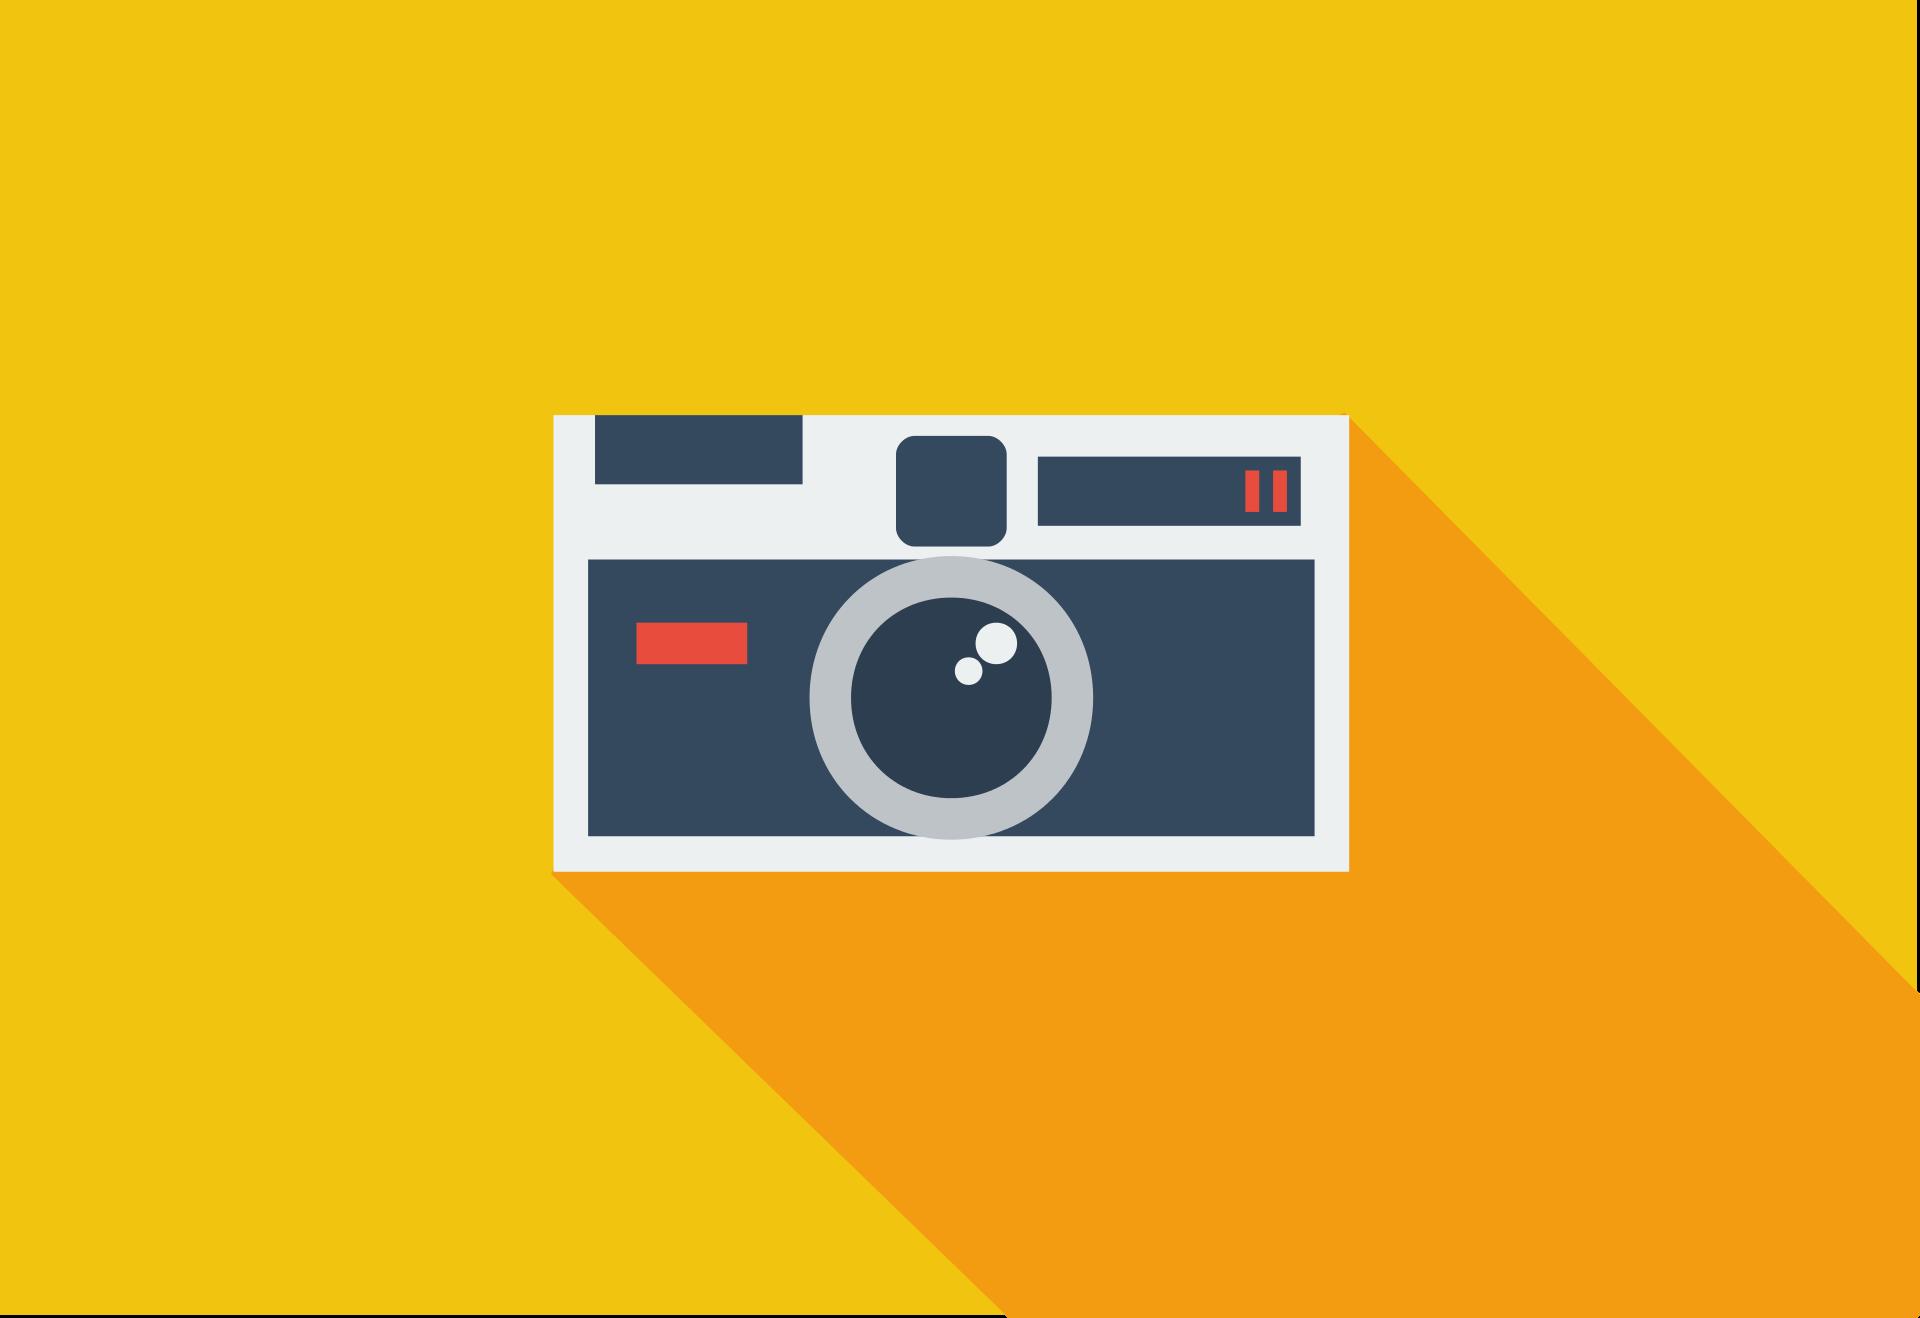 камеры, фотография, flat design, Плоский дизайн, Жёлтый - Обои HD - Профессор falken.com